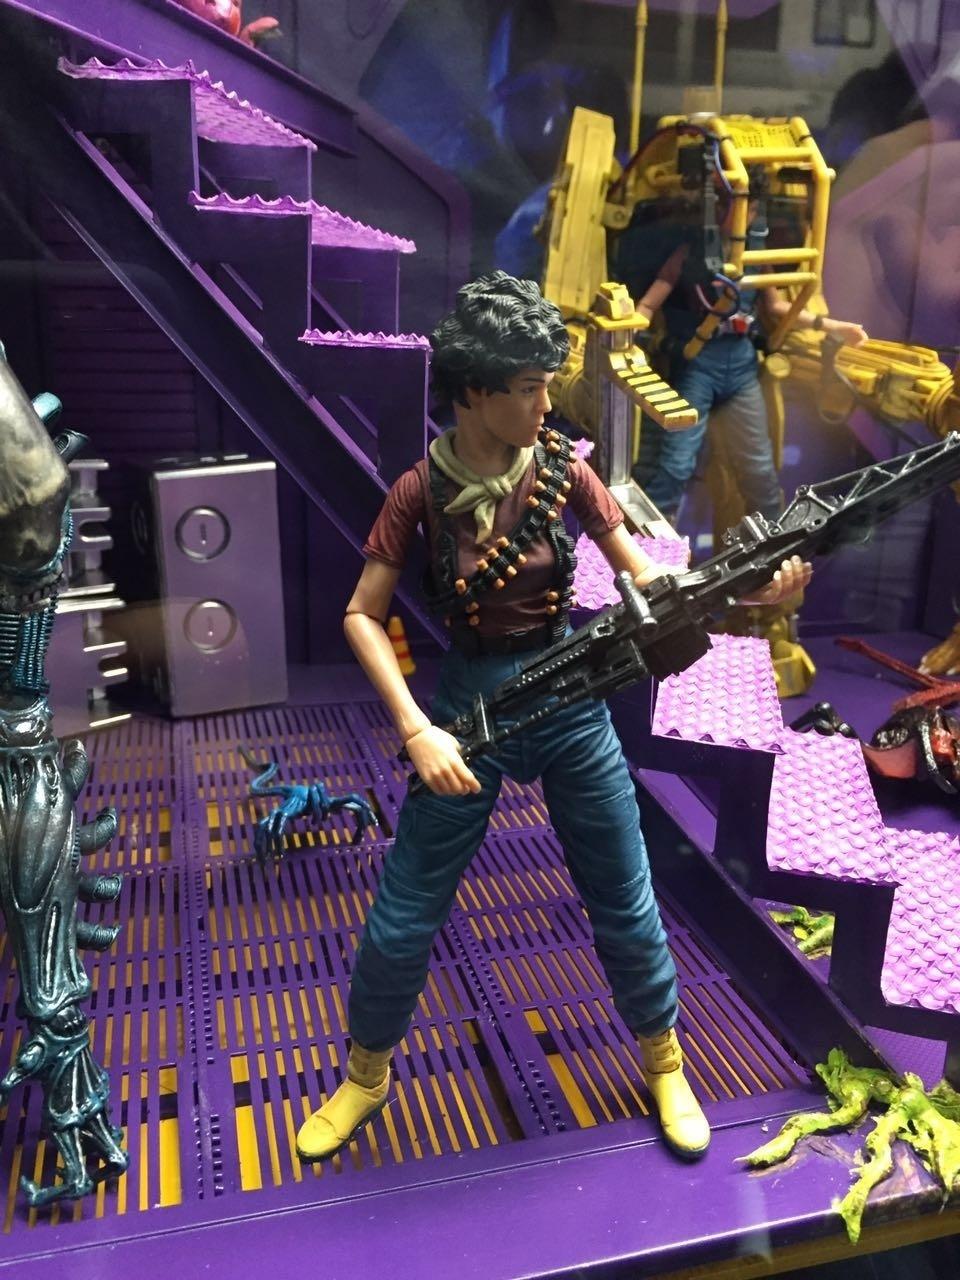 A figura de ação de Ripley é um dos brinquedos em exposição na San Diego Comic-Con 2016